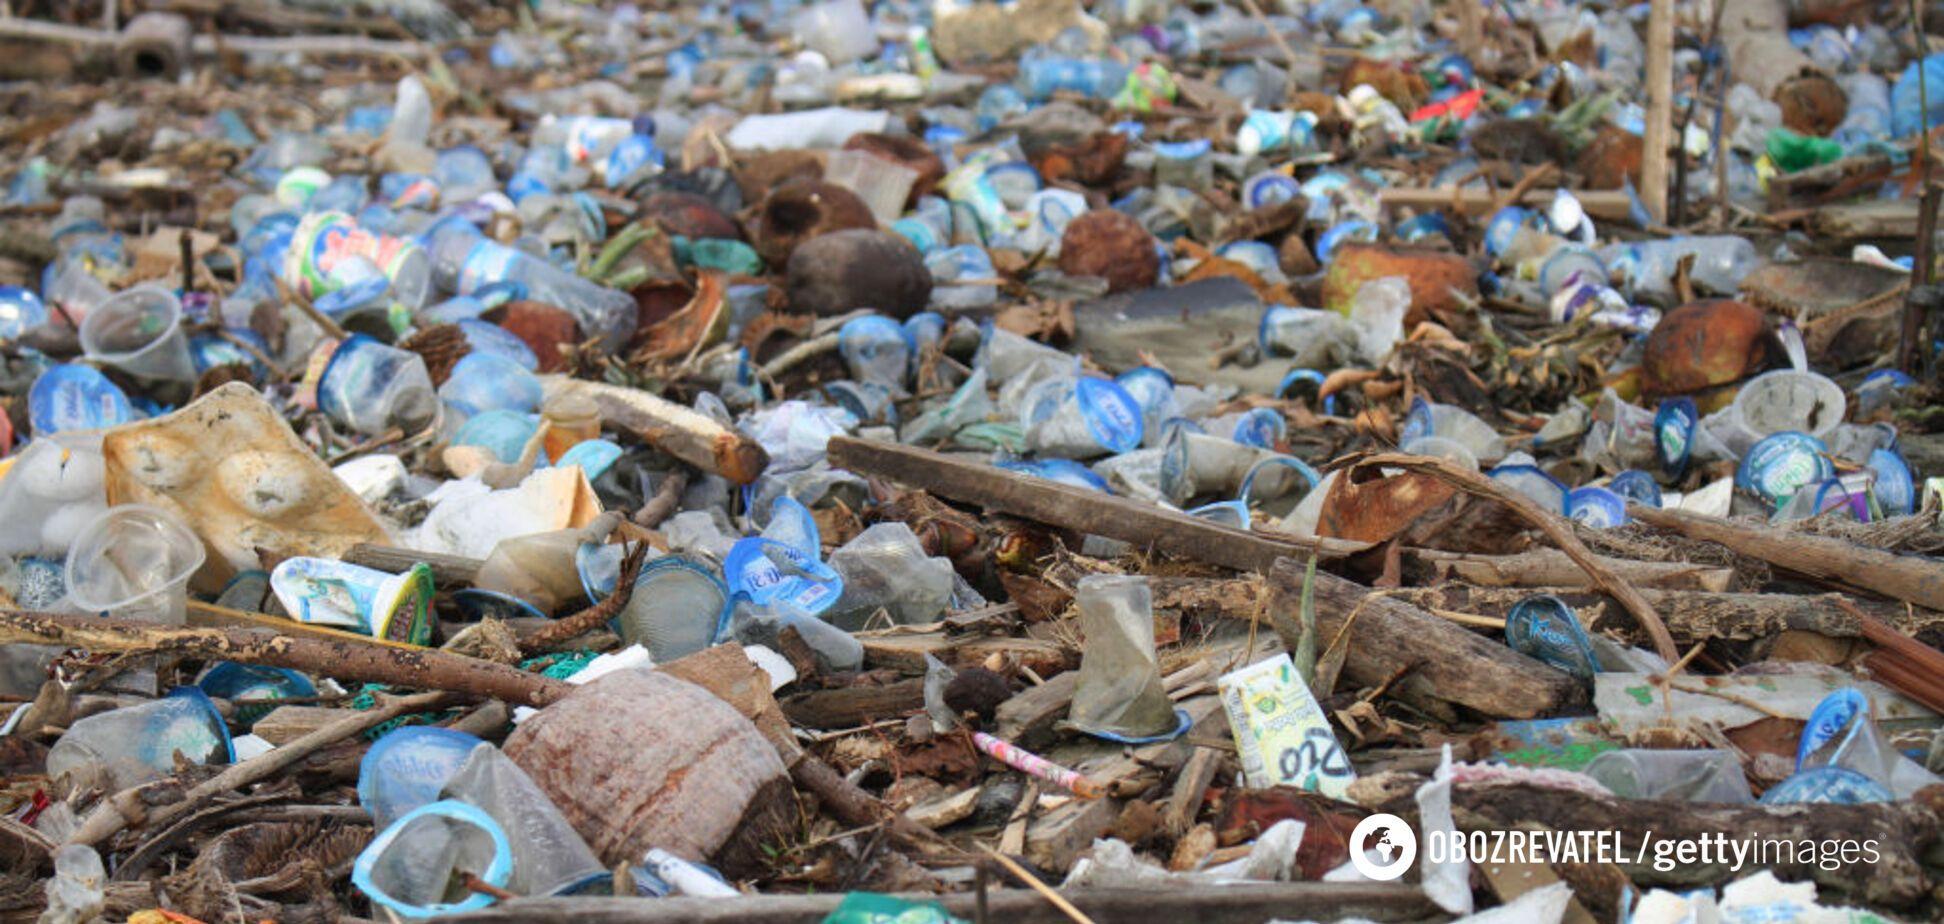 Поток мусора из Украины стал причиной 'перекрытия' Тисы в Венгрии: появилось видео